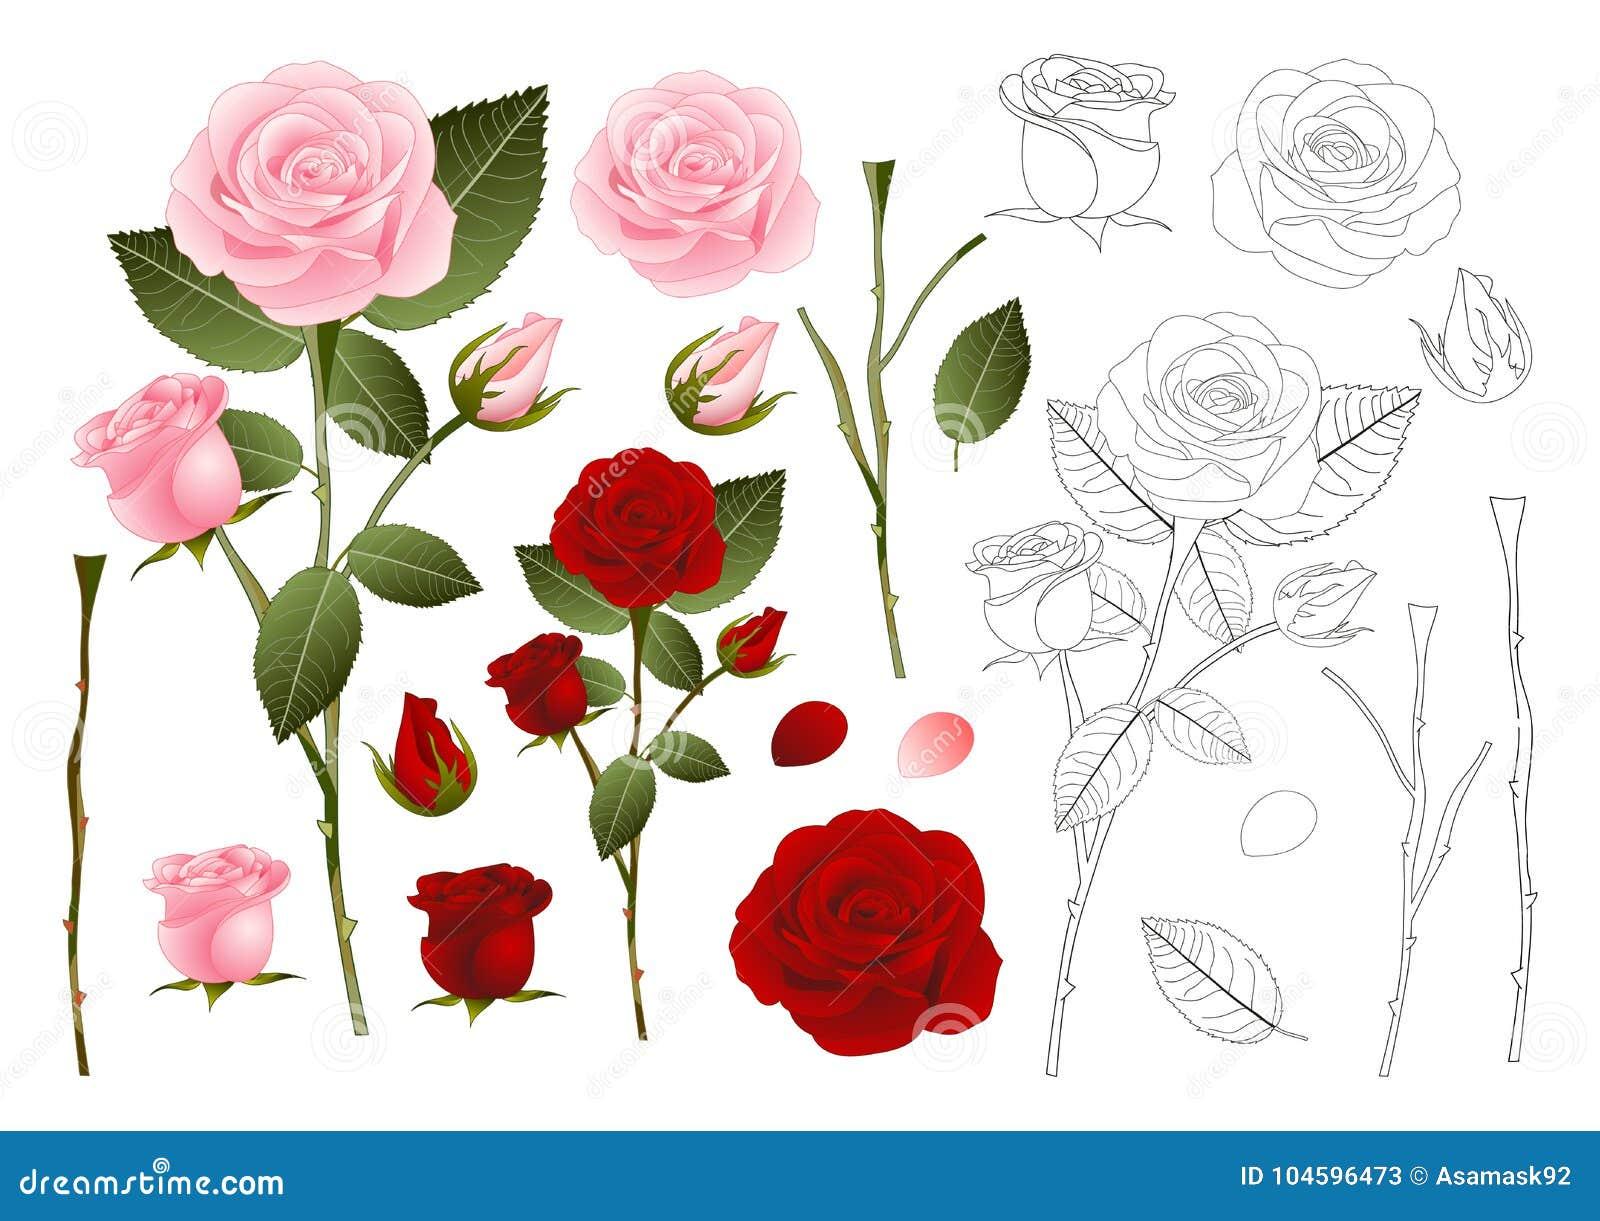 Rose Outline hermosa - Rosa rosados y rojos Día de tarjeta del día de San Valentín Ilustración del vector